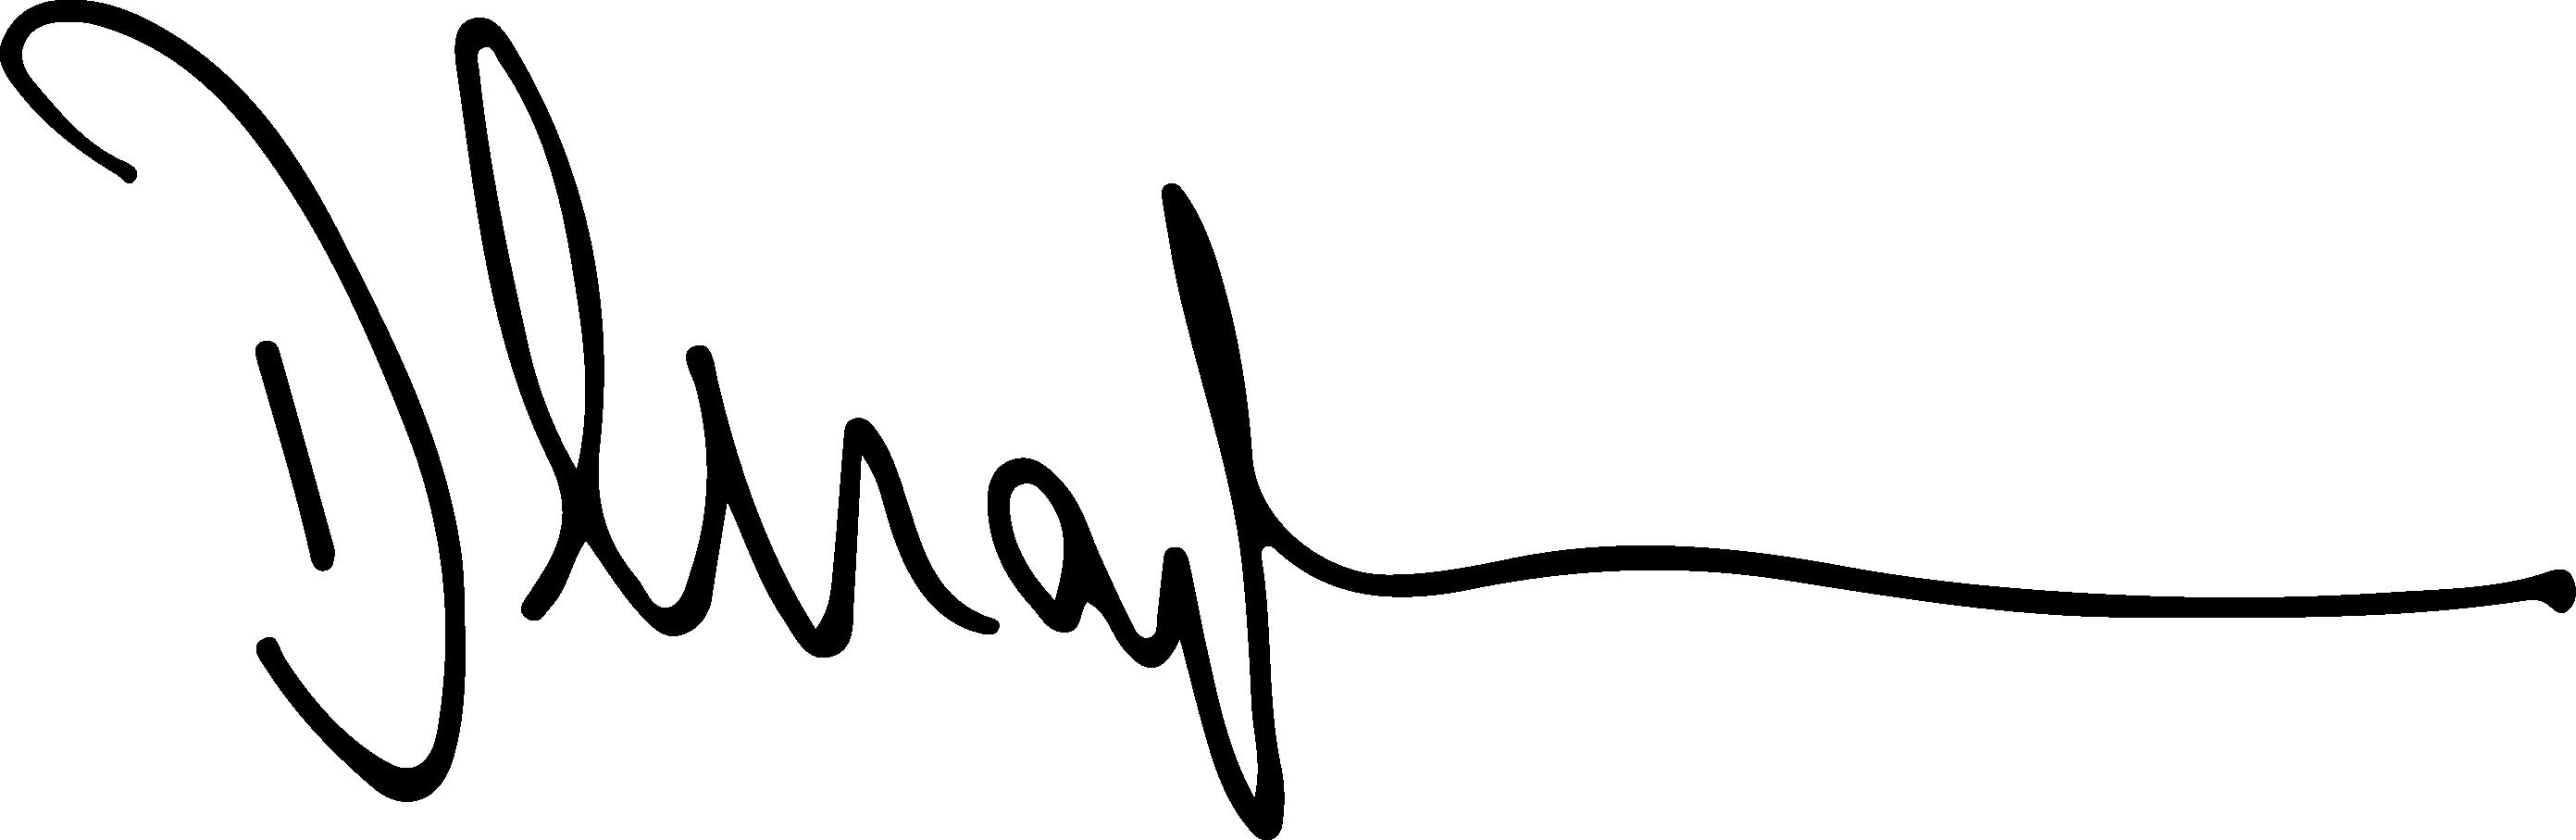 7671dc60-10af-4ca6-9ec9-a4eb87eeb2f0.png